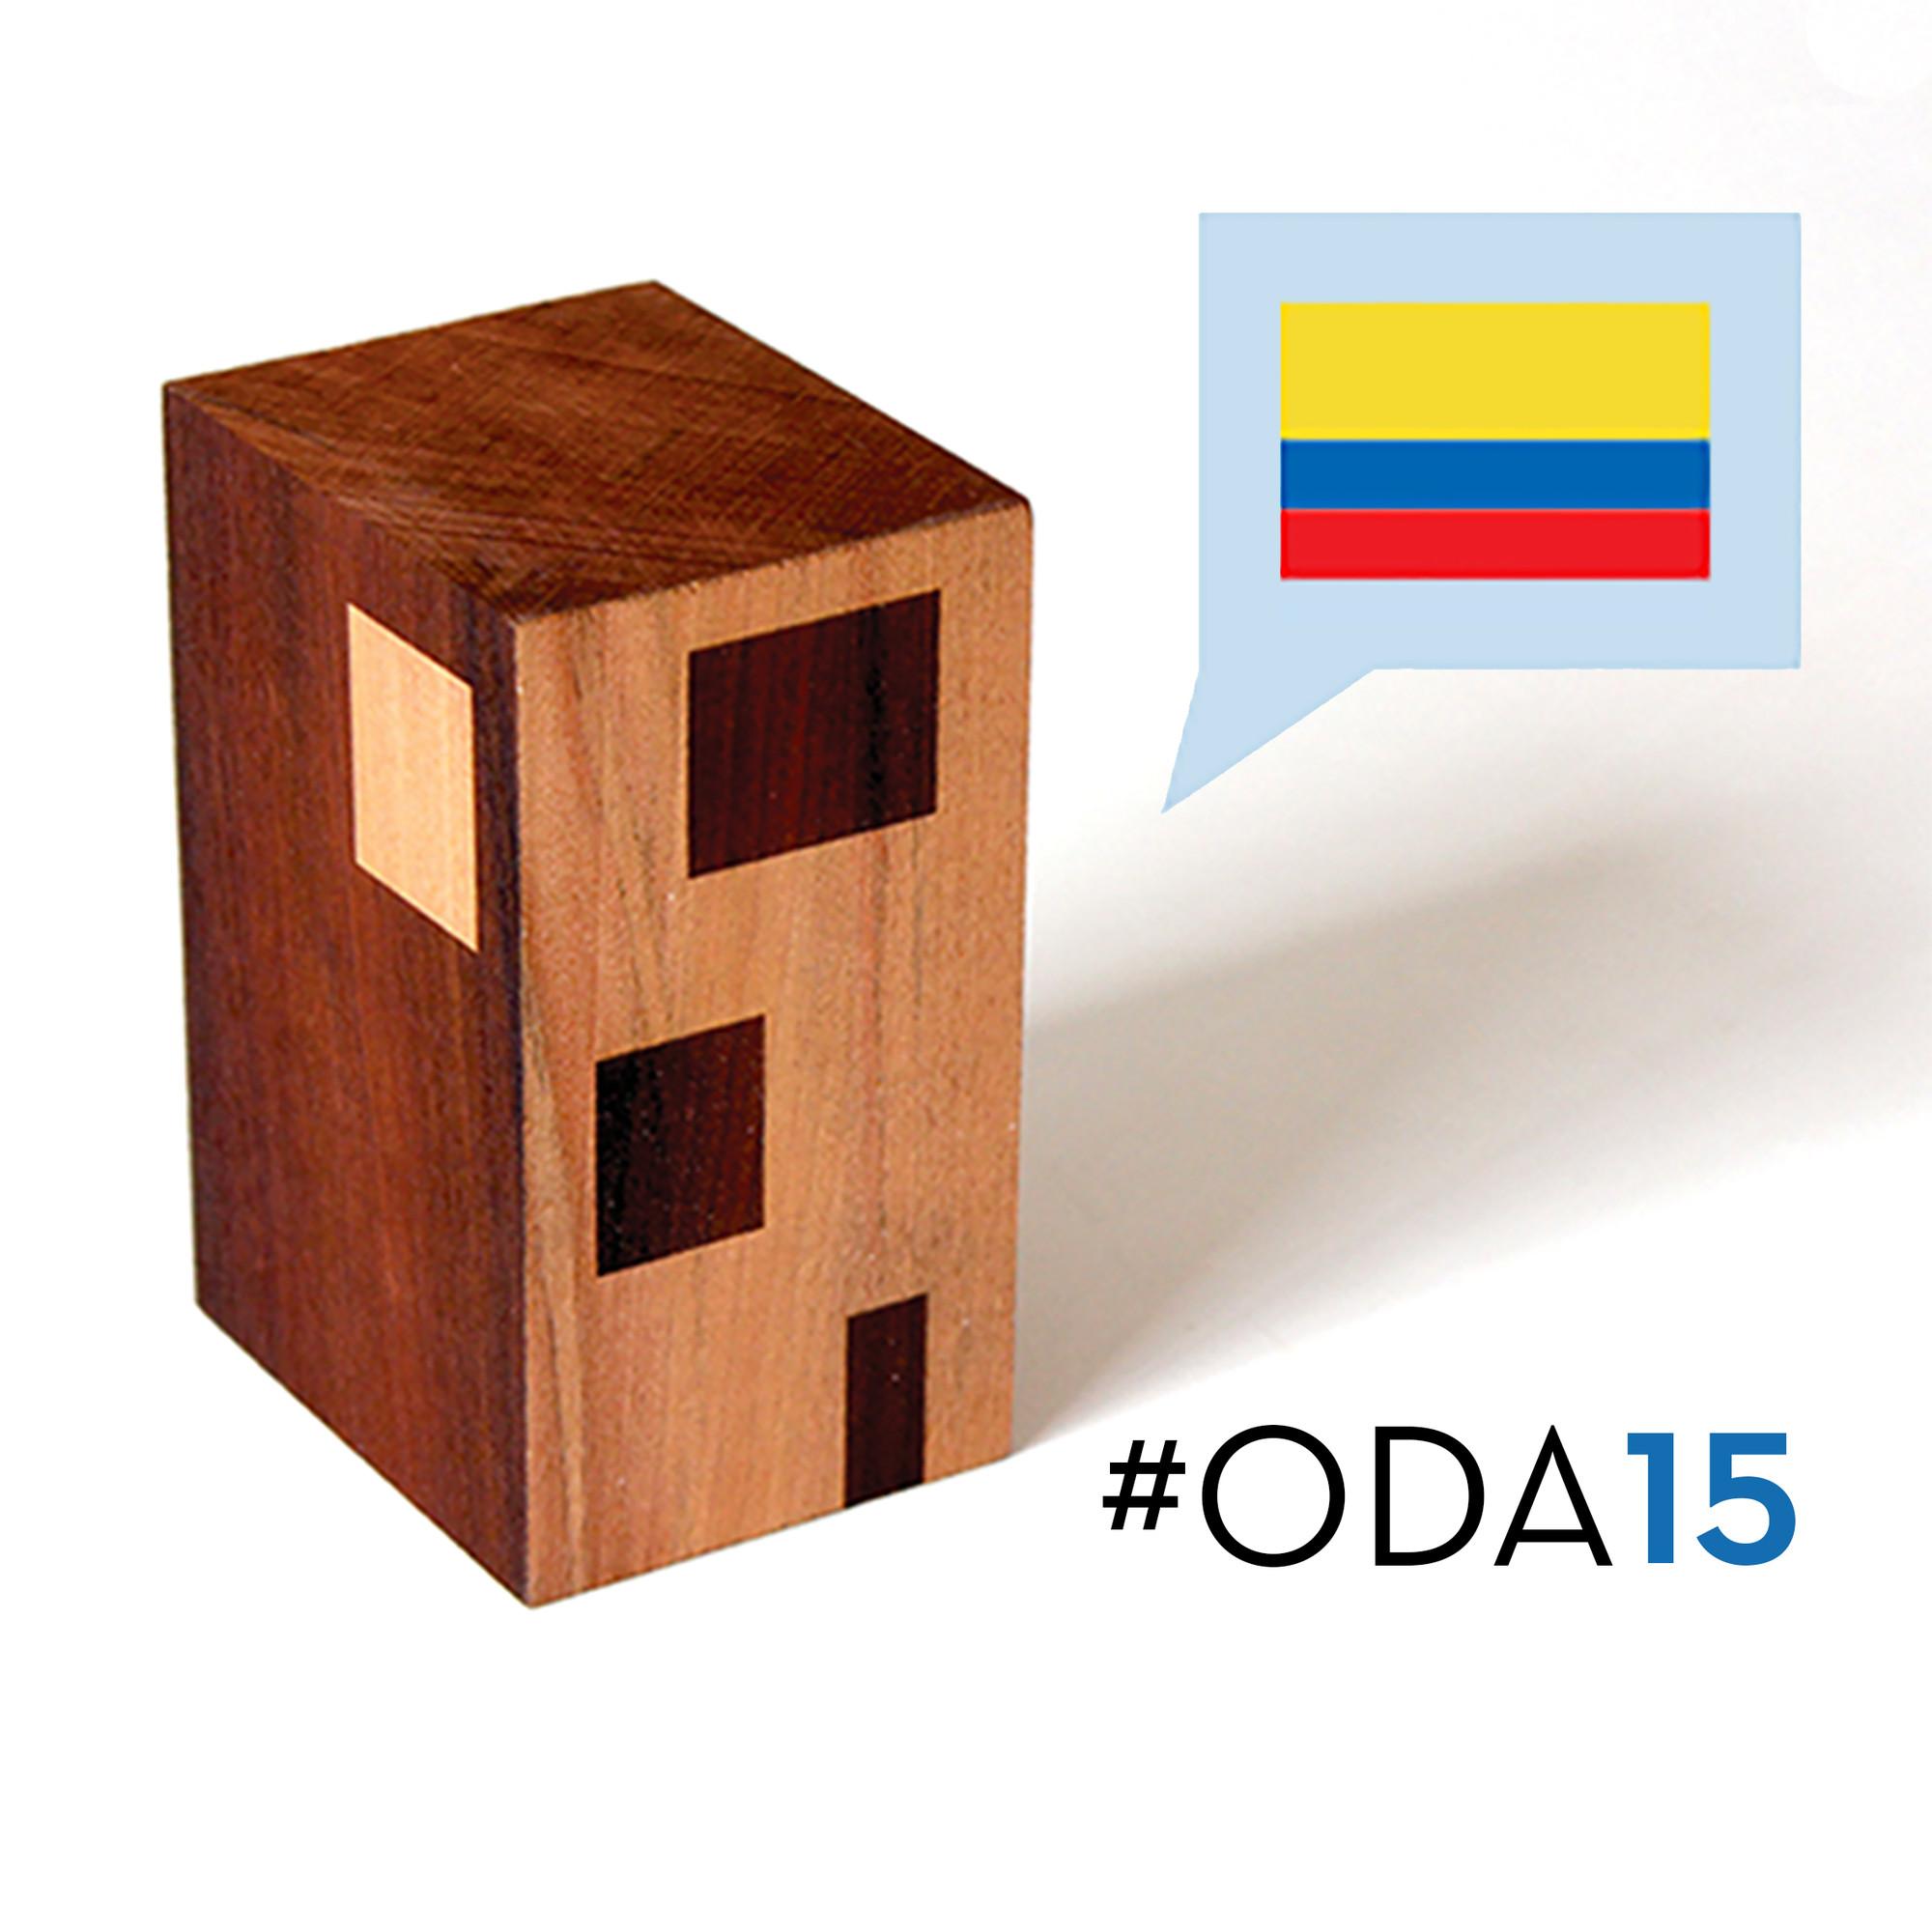 Conoce las 21 obras colombianas que están participando en #ODA15